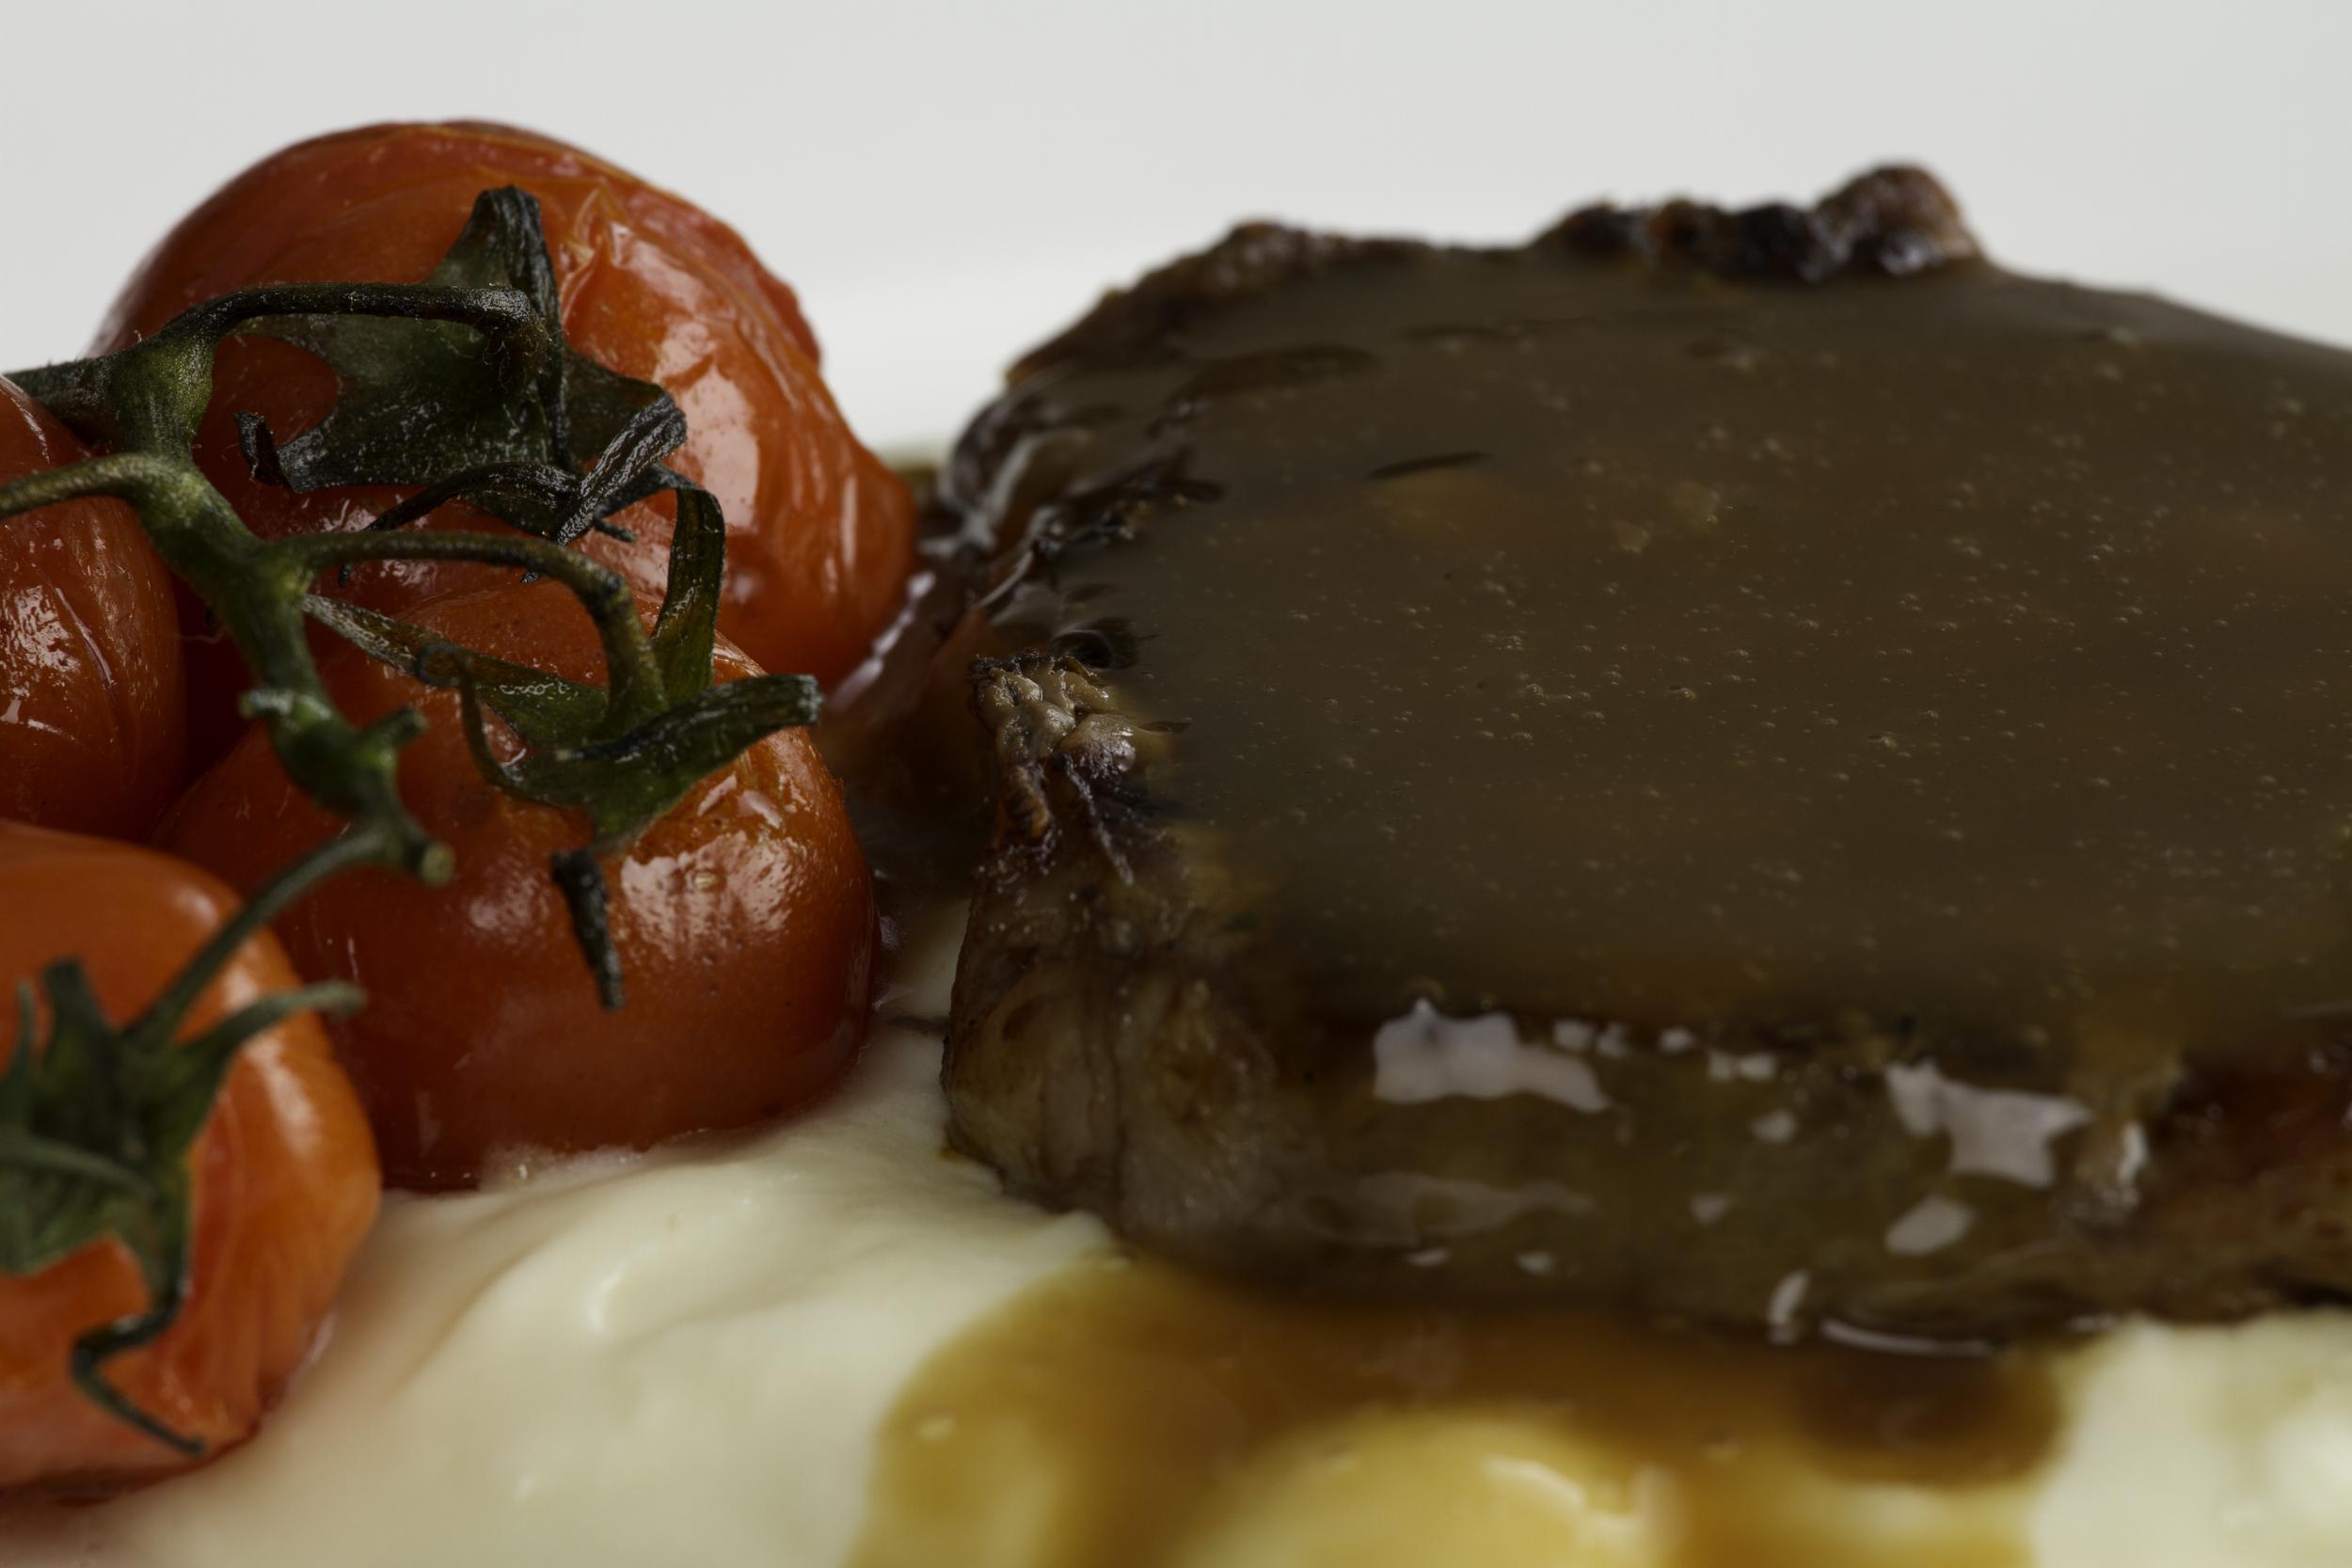 Steak with Gravy. ISO 100, Shutter 1/160, Aperture f/11